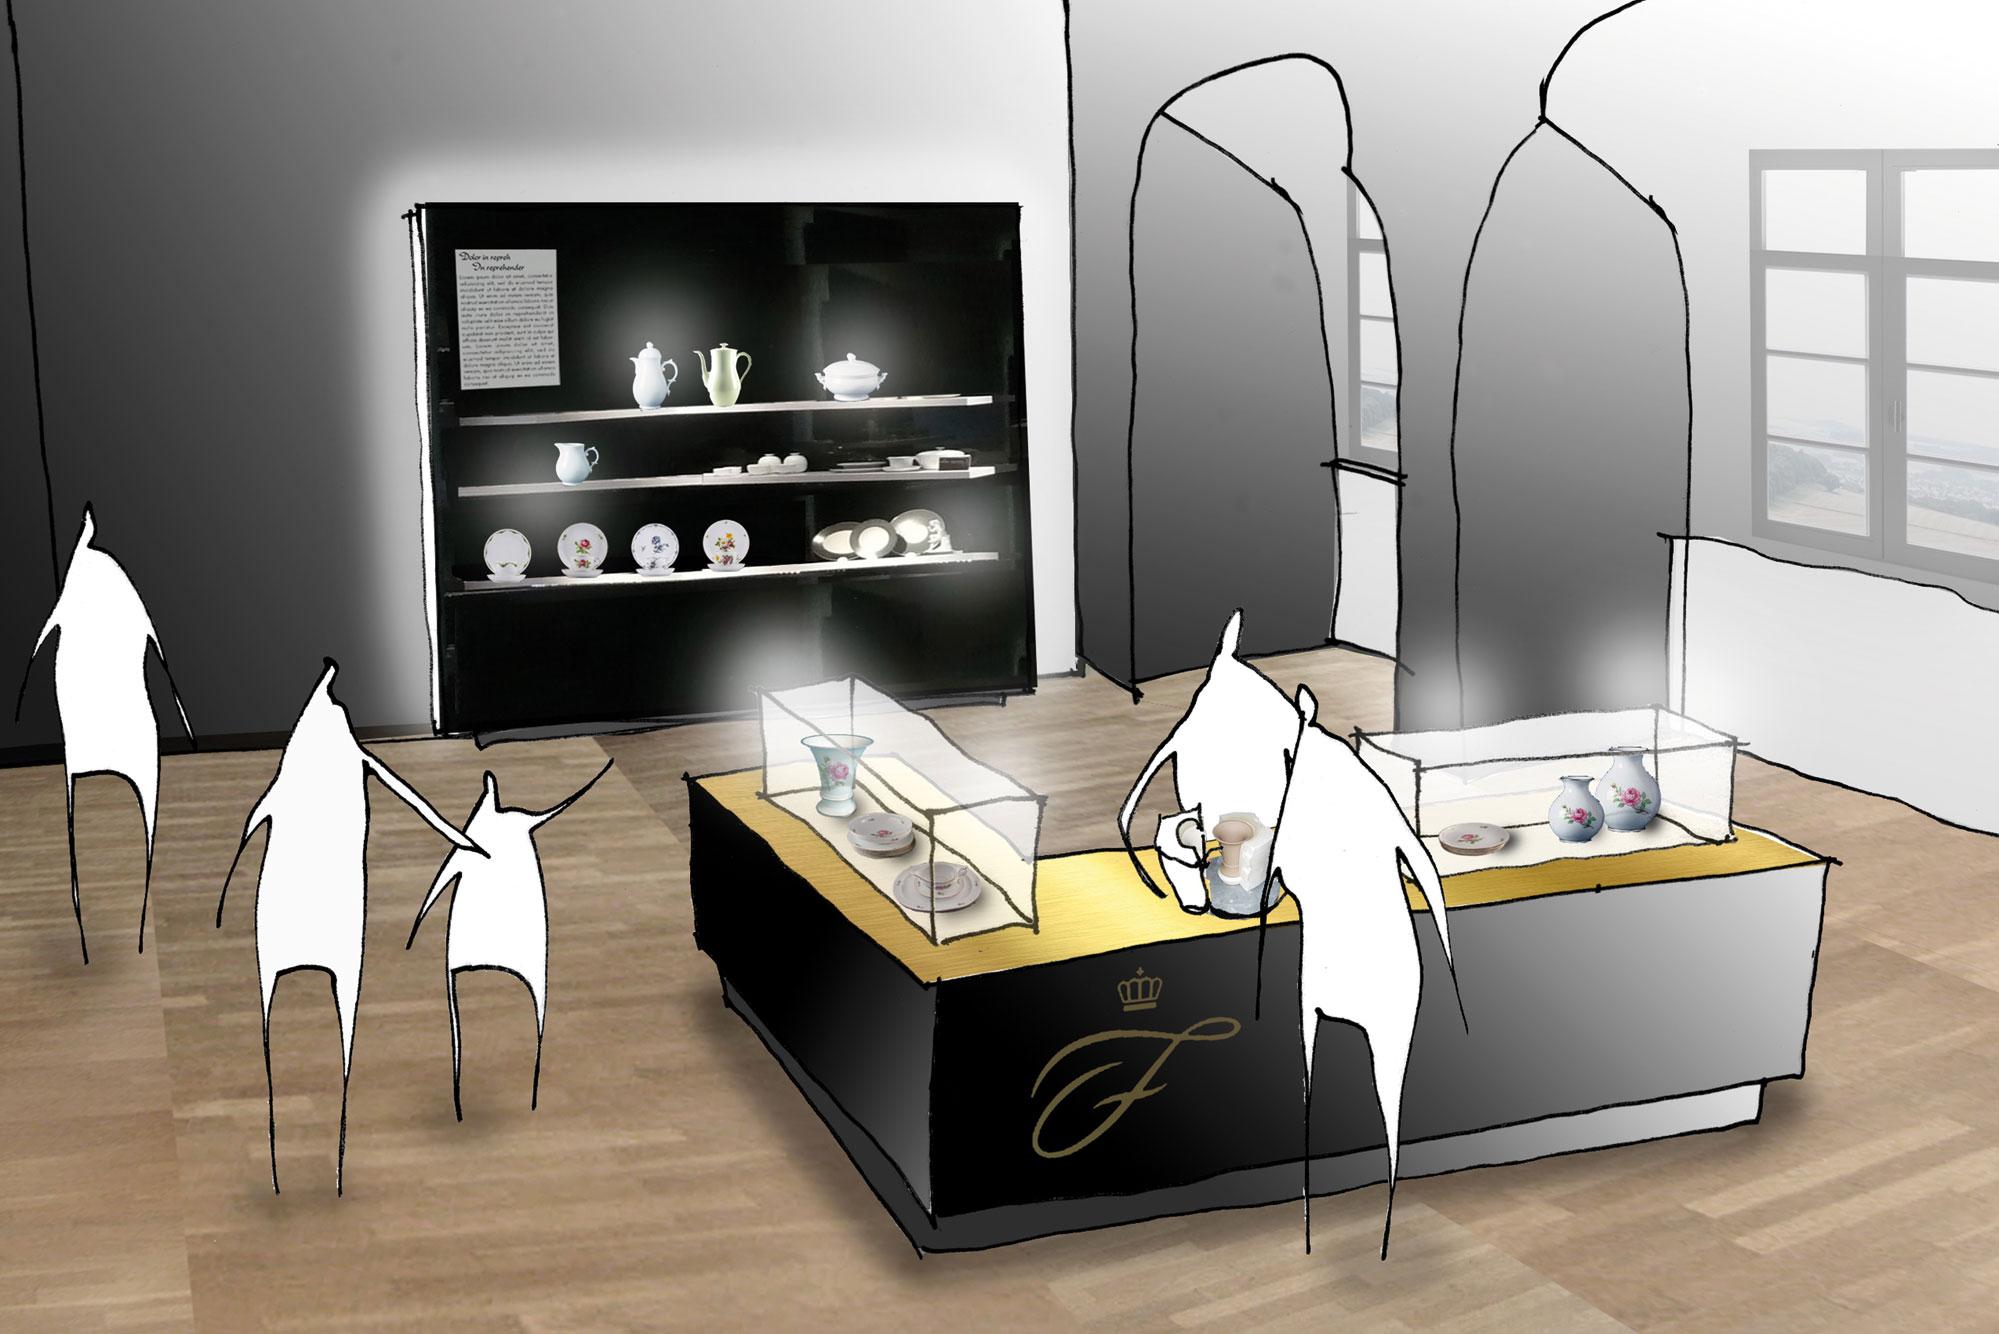 von GROTE Ausstellungsgestaltung und Design / Fürstenberg Porcelain Manufacturer – Museum in a Castle